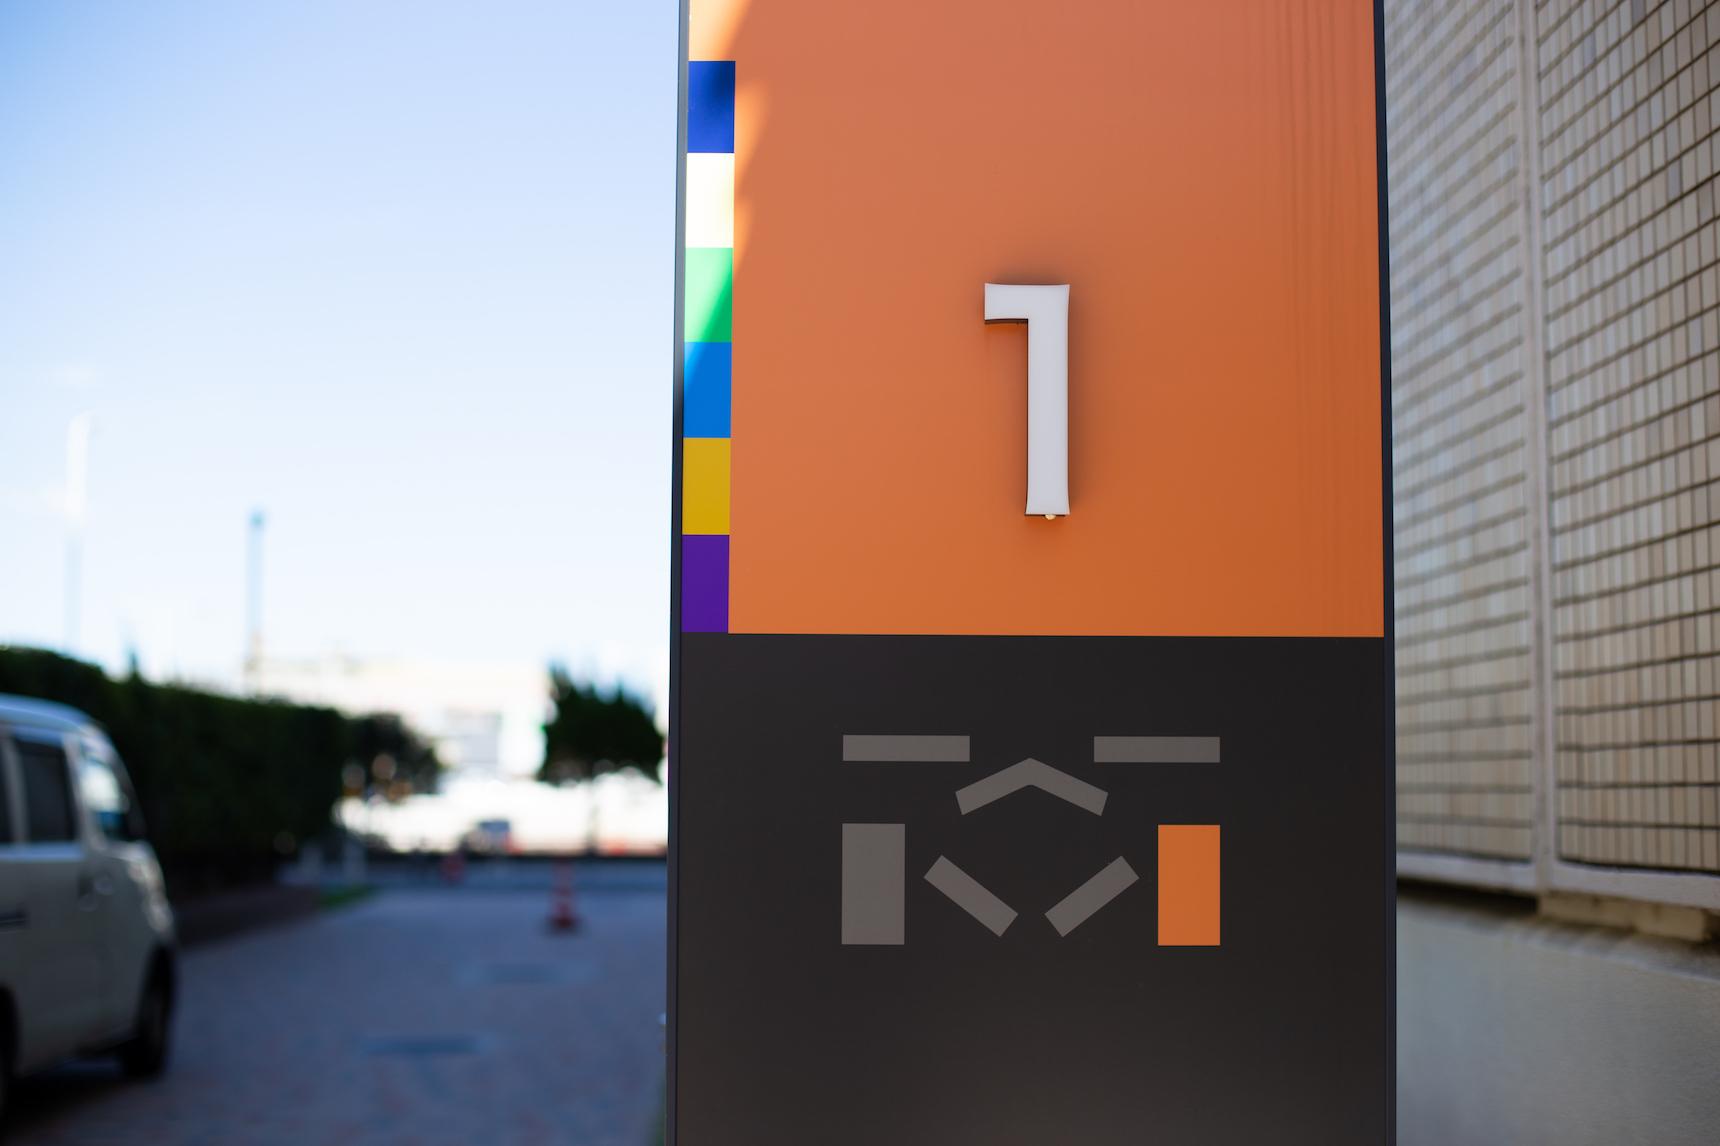 新しくなった棟番号表示と、